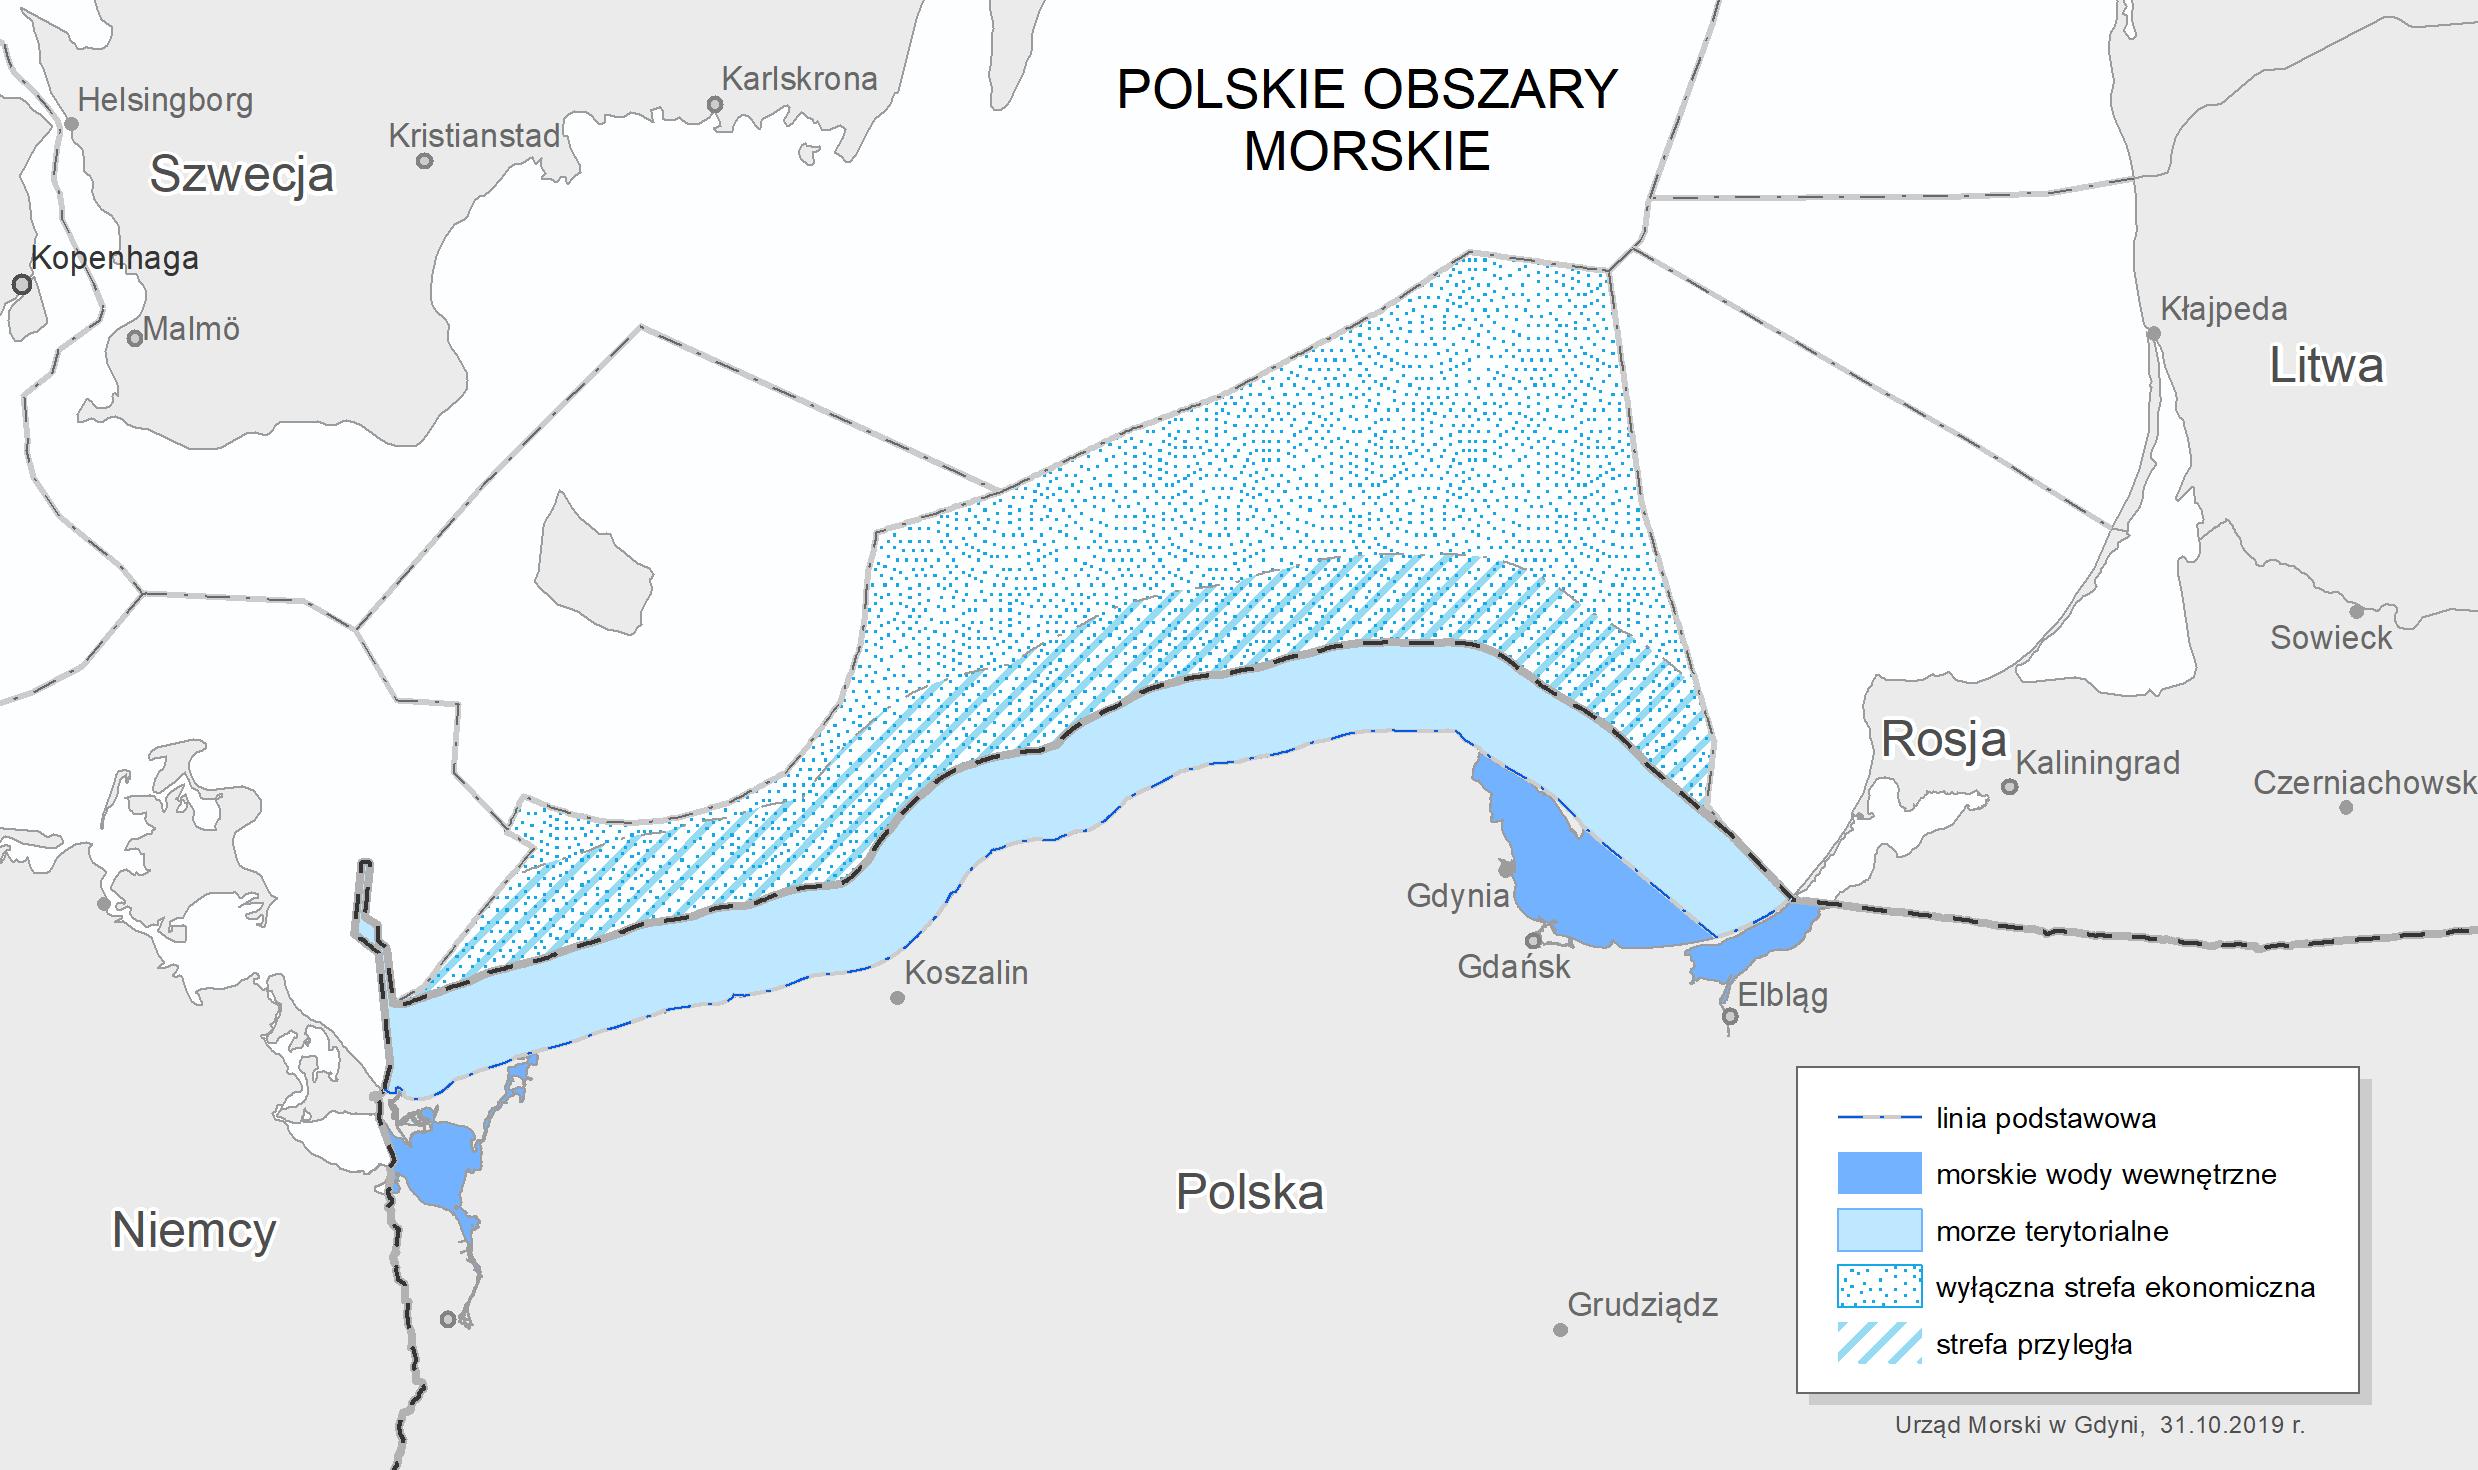 Polskie obszary morskie fot. Urząd Morski w Gdyni